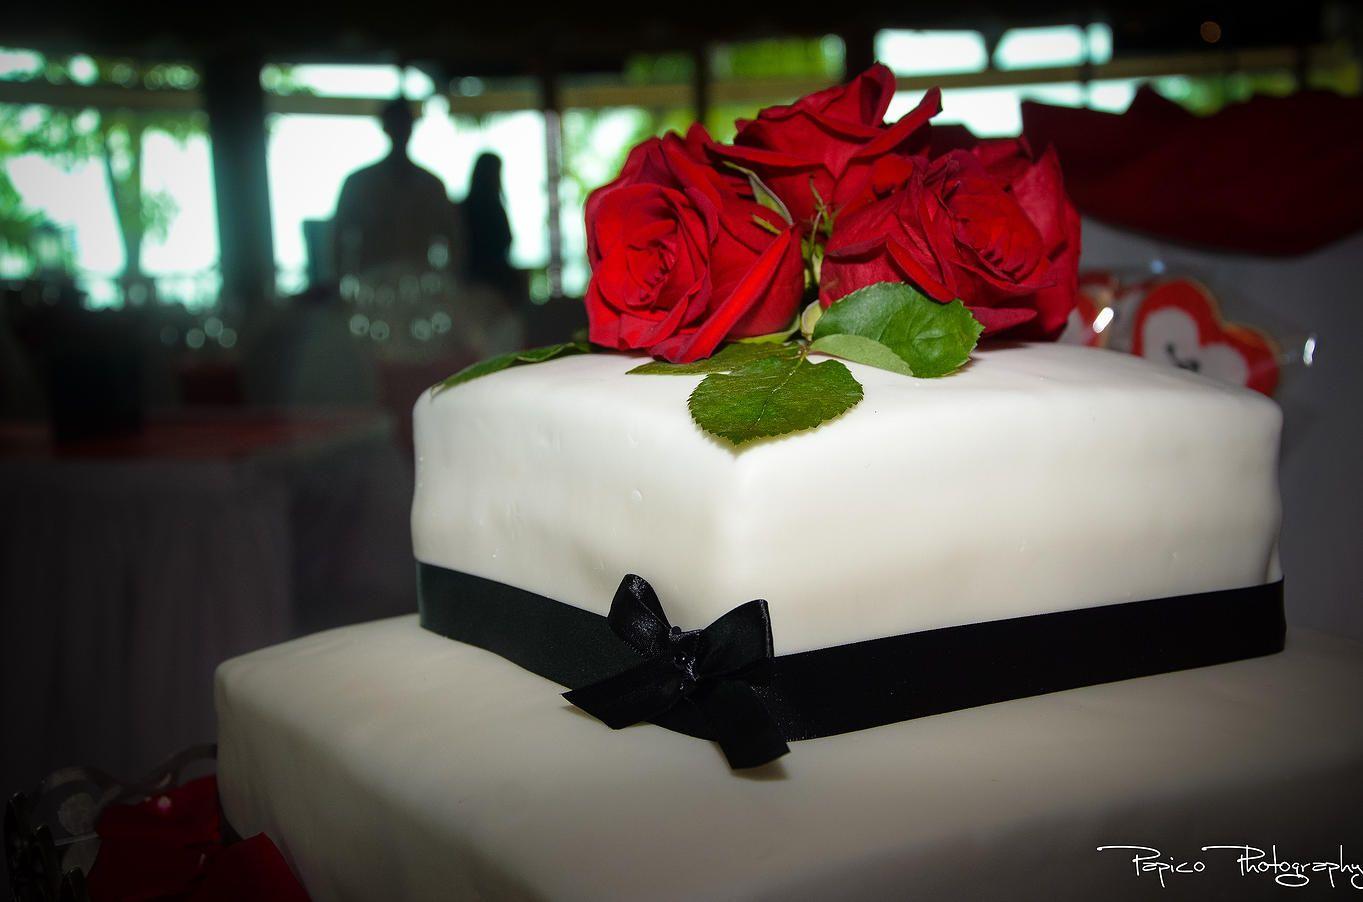 Puedes encontrar estas y otras fotos en nuestro sitio web y móvil AJCJMomentos. #weddingphotoshoot #bodacivil #fotografosdepanama #sesionboda #weddingphotos